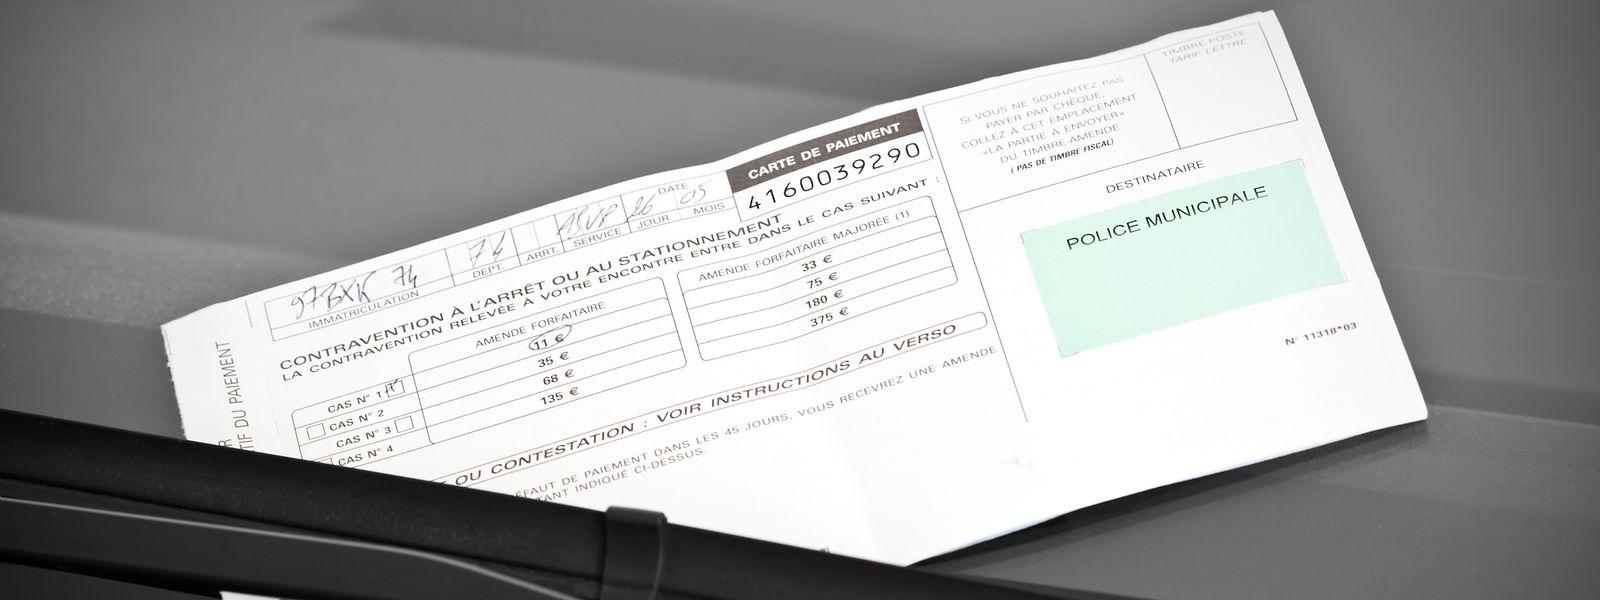 Bußgelder, City-Maut, Pflichtversicherung im Ausland – dies sind zusätzliche Ausgaben, mit denen viele Urlauber im eigenen Auto nicht rechnen.